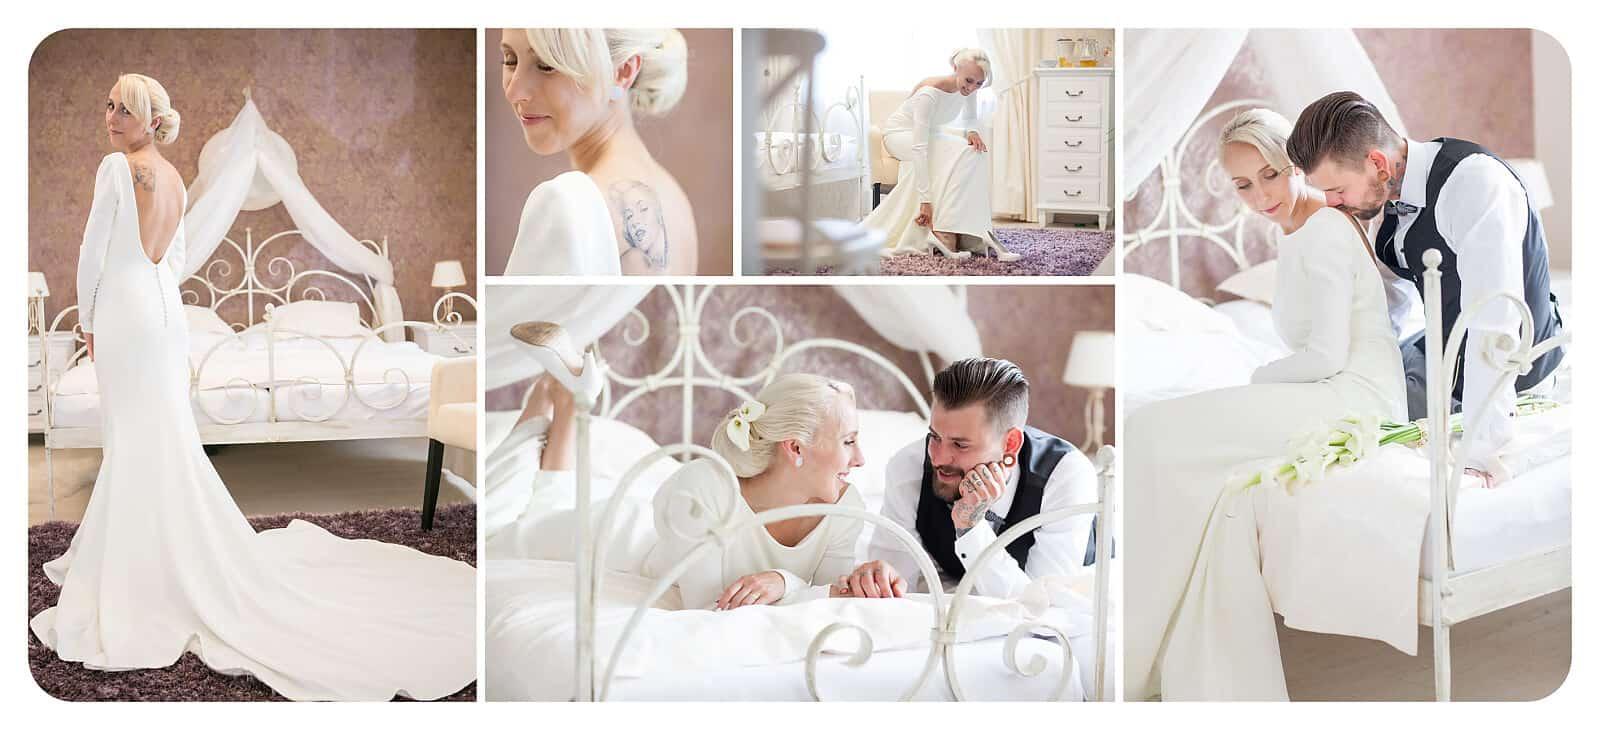 Svatební fotografie od Amaka